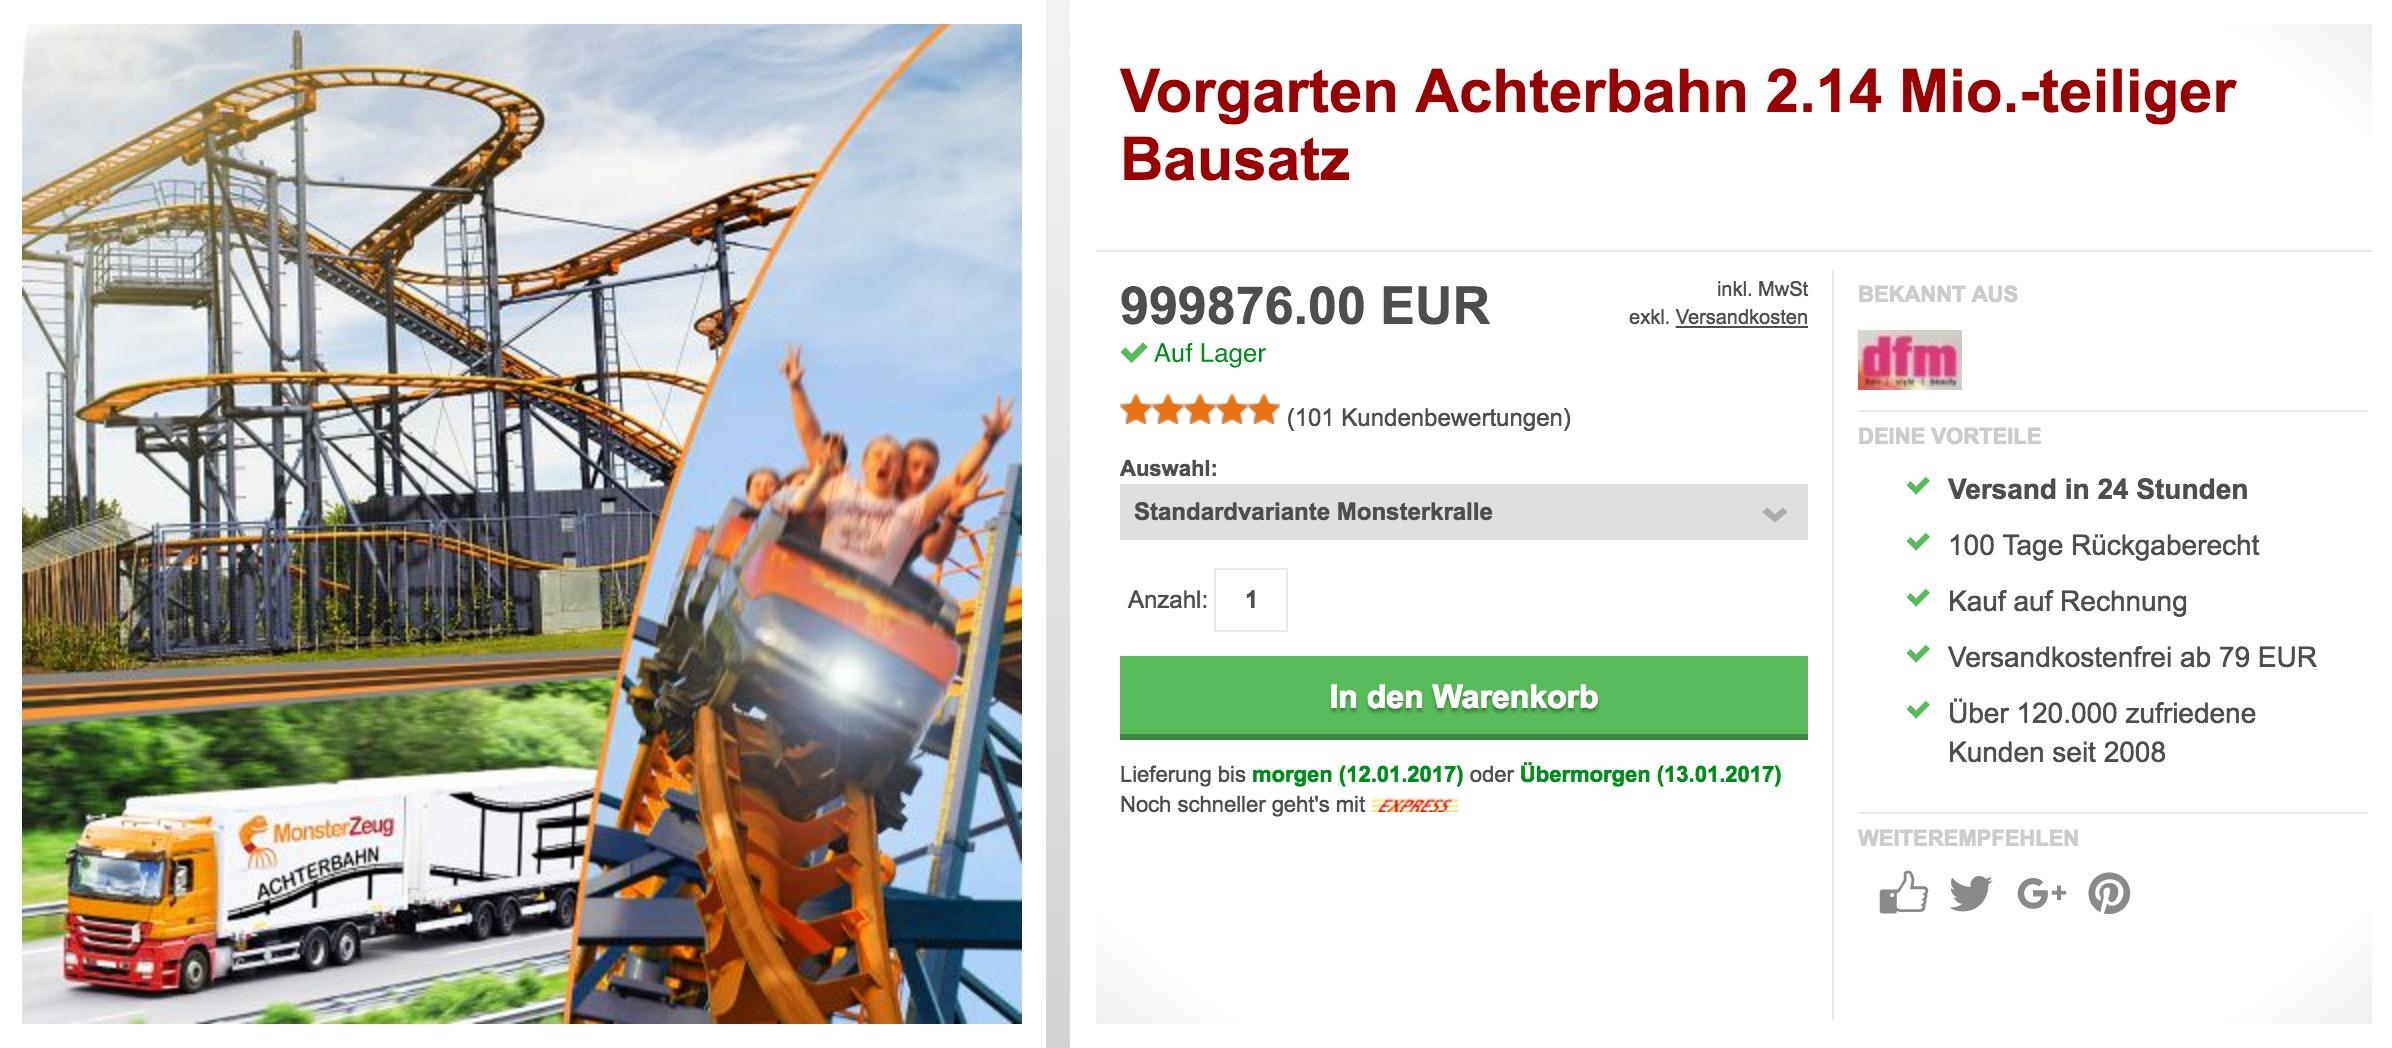 Vorgarten Achterbahn 214 Mio Teiliger Bausatz